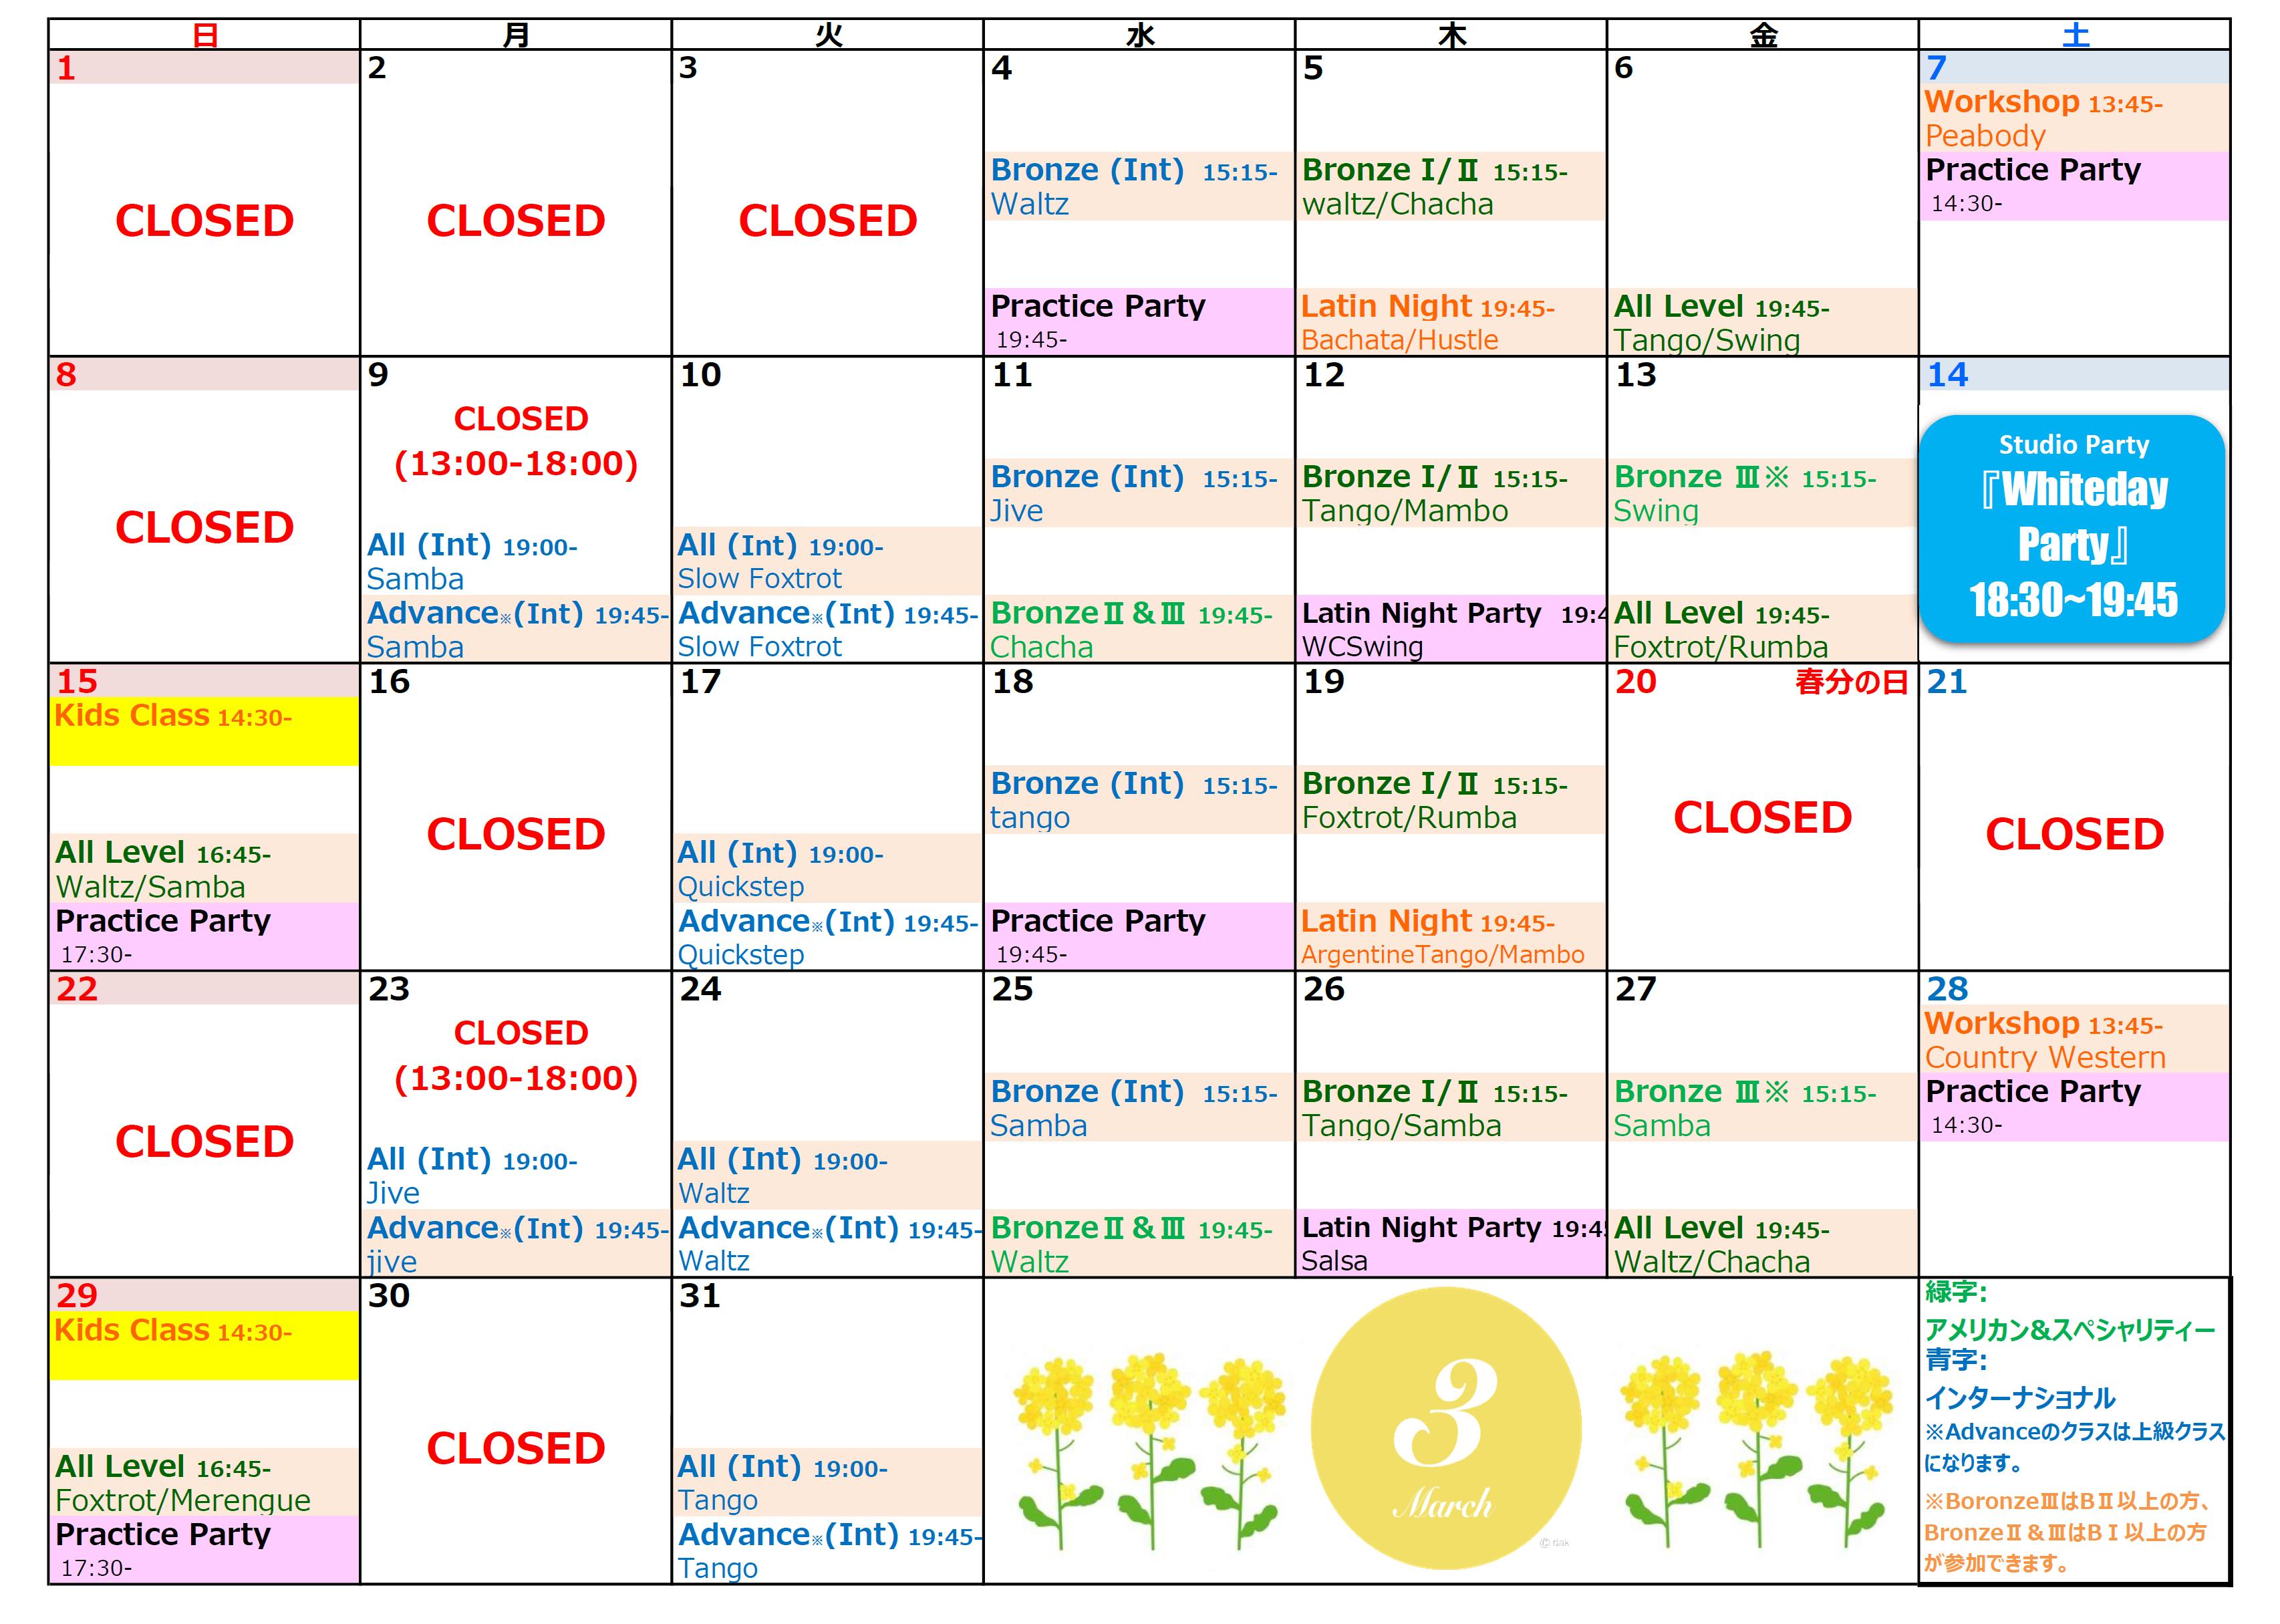 2020.3 Schedule